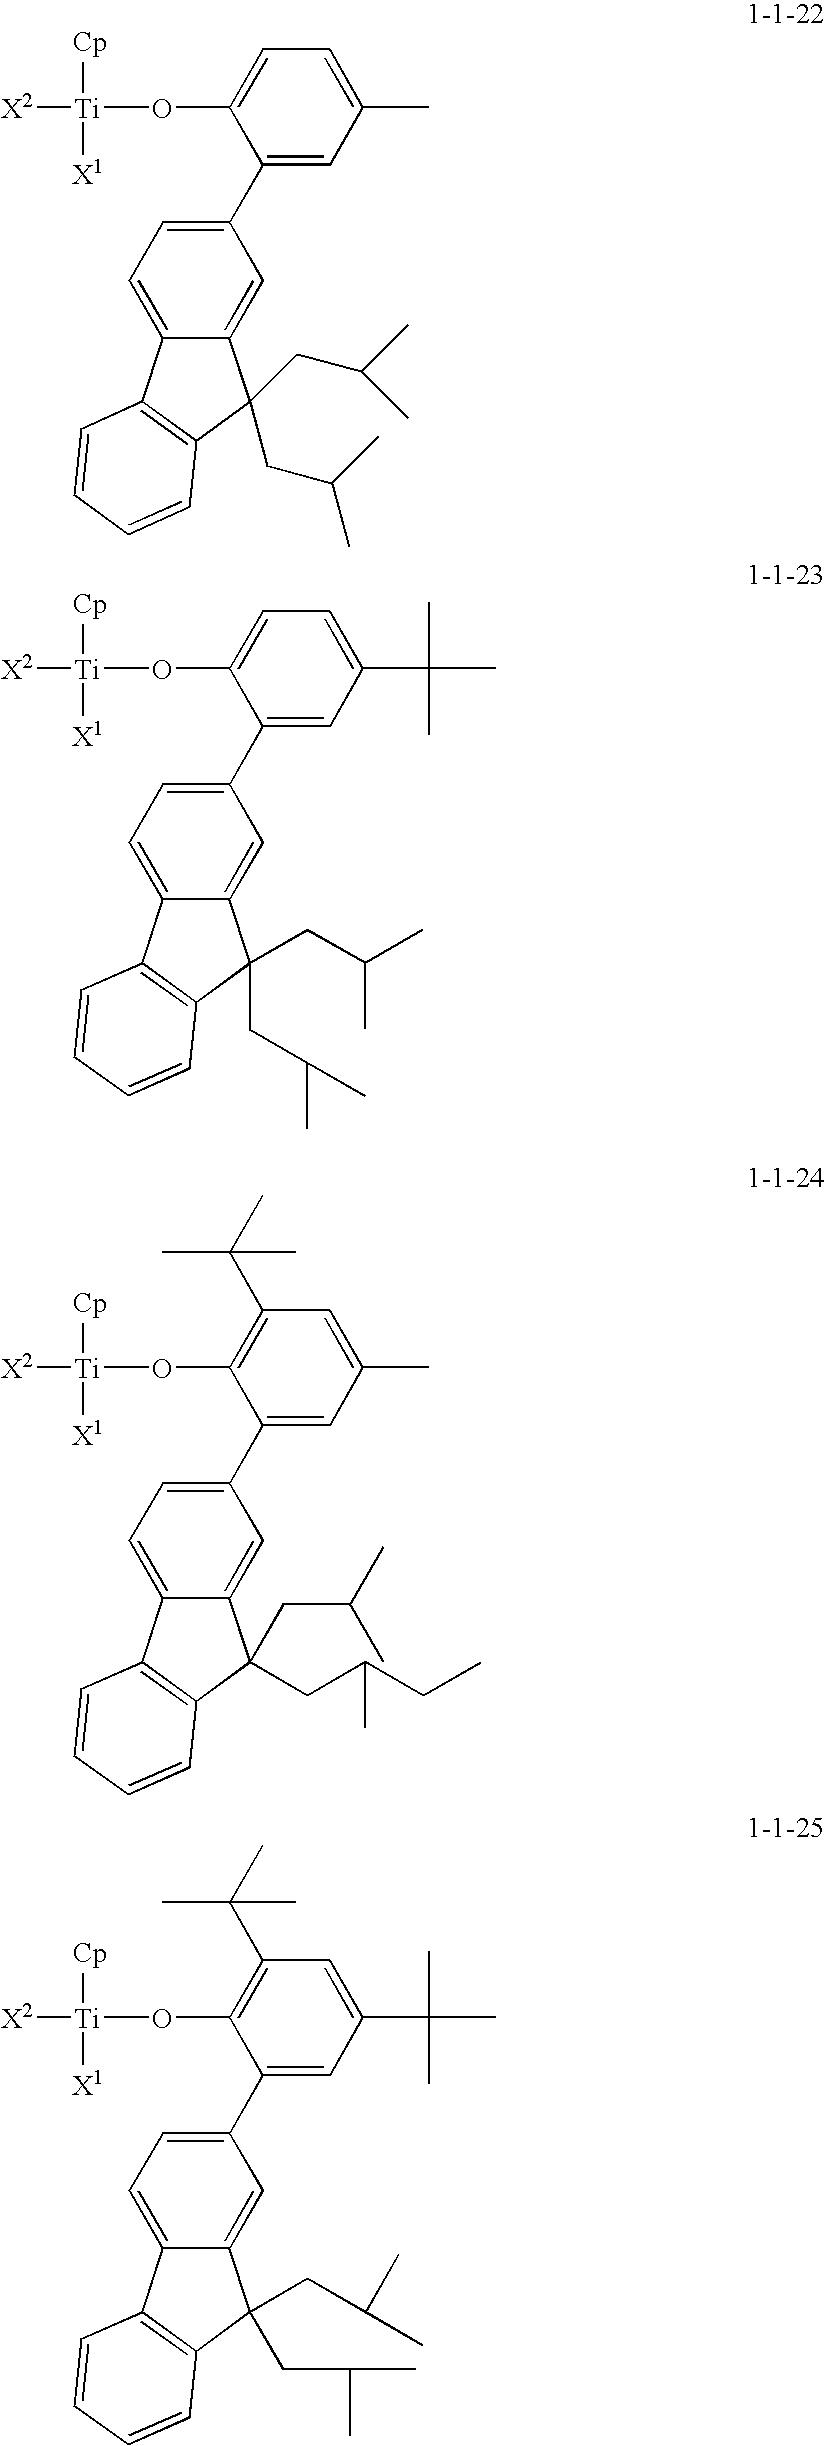 Figure US20100081776A1-20100401-C00009